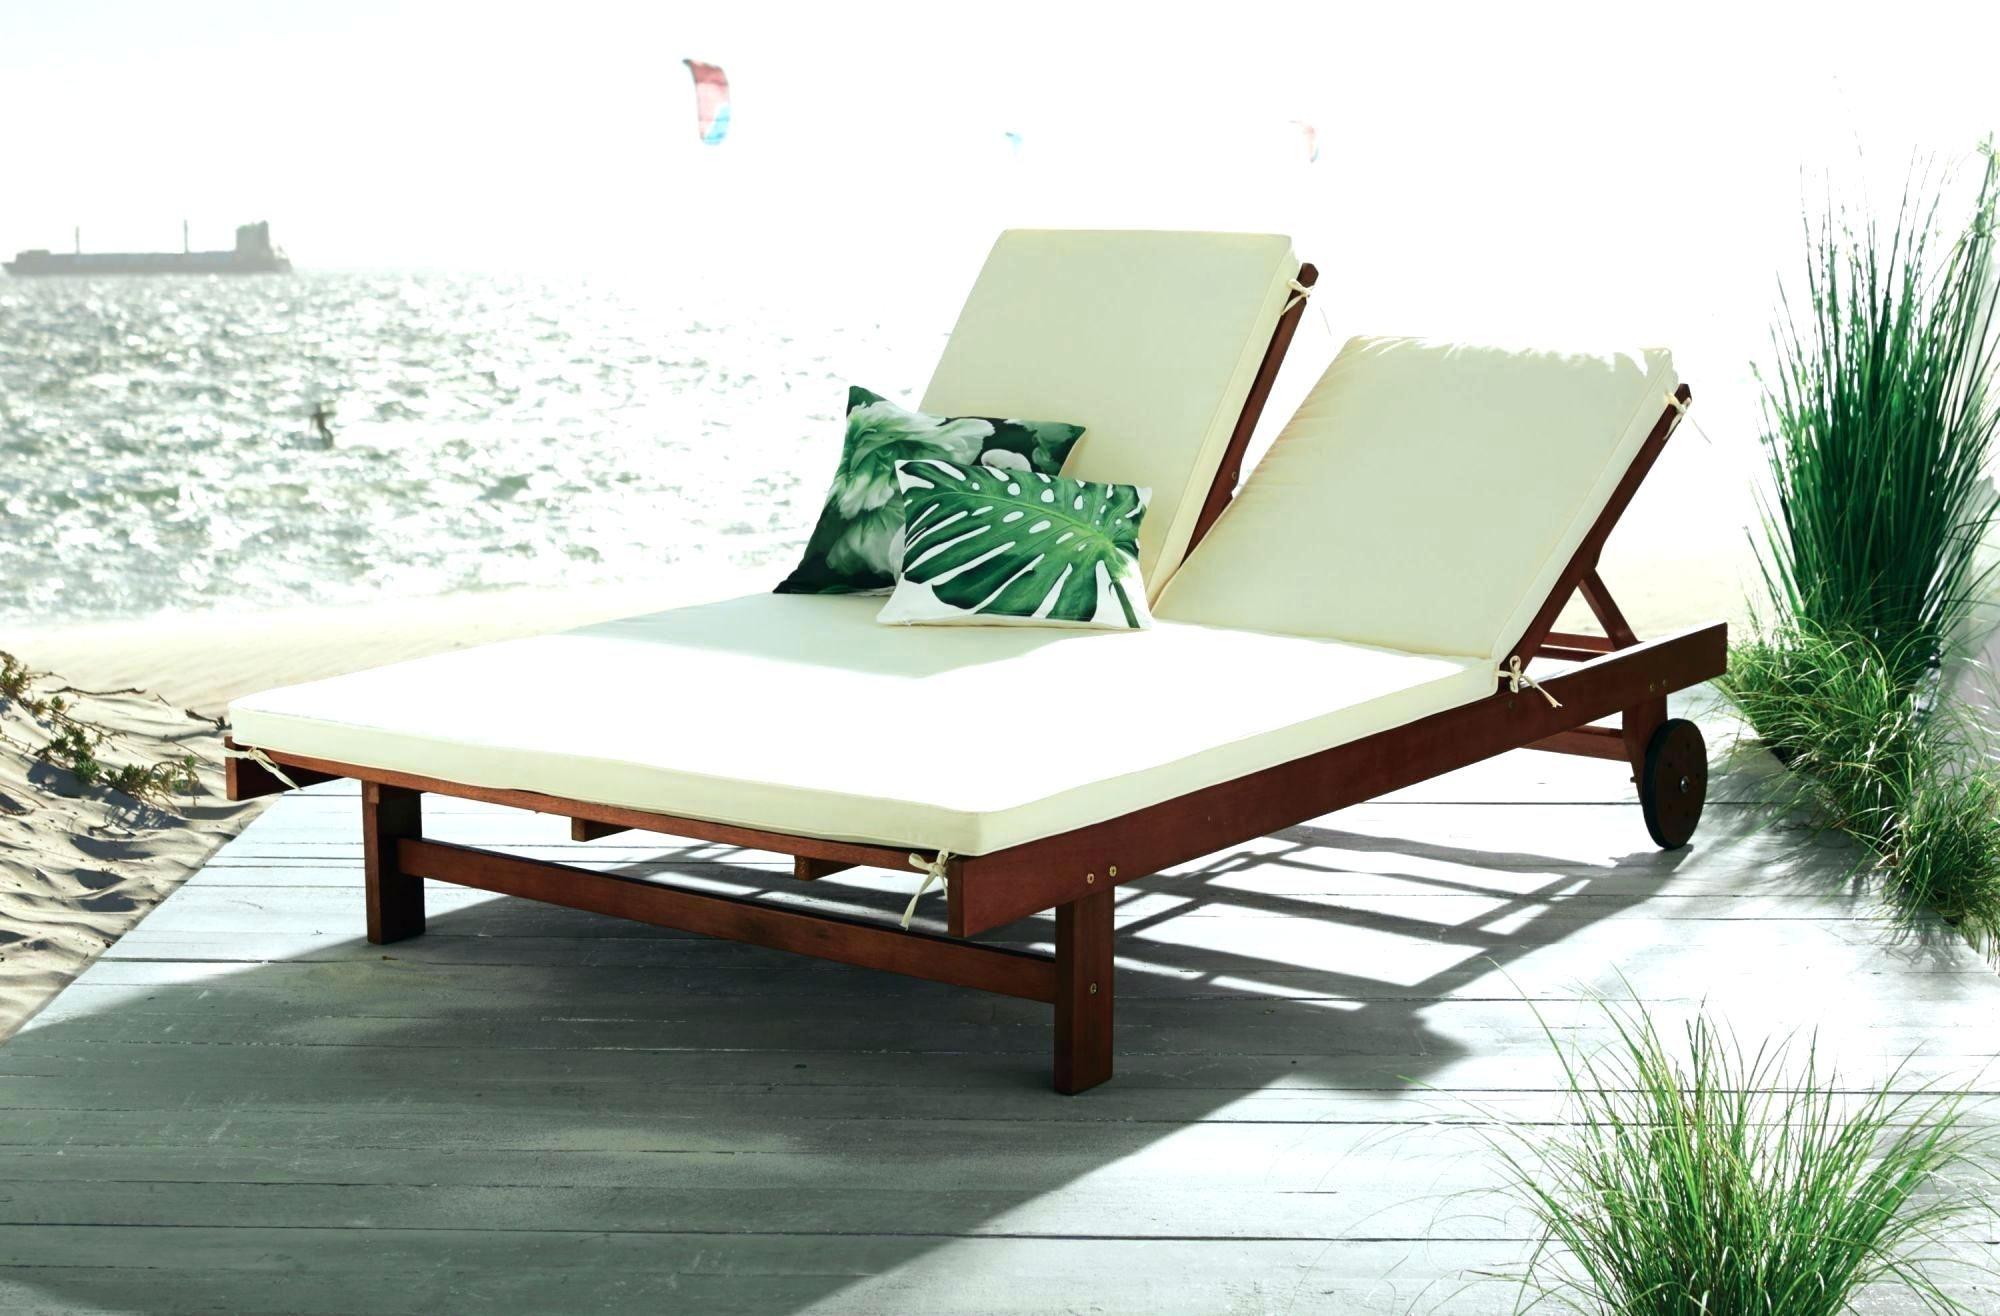 Gartenmobel Tisch Klappbar Doppelliege Garten Doppel Liege Rio Fsc